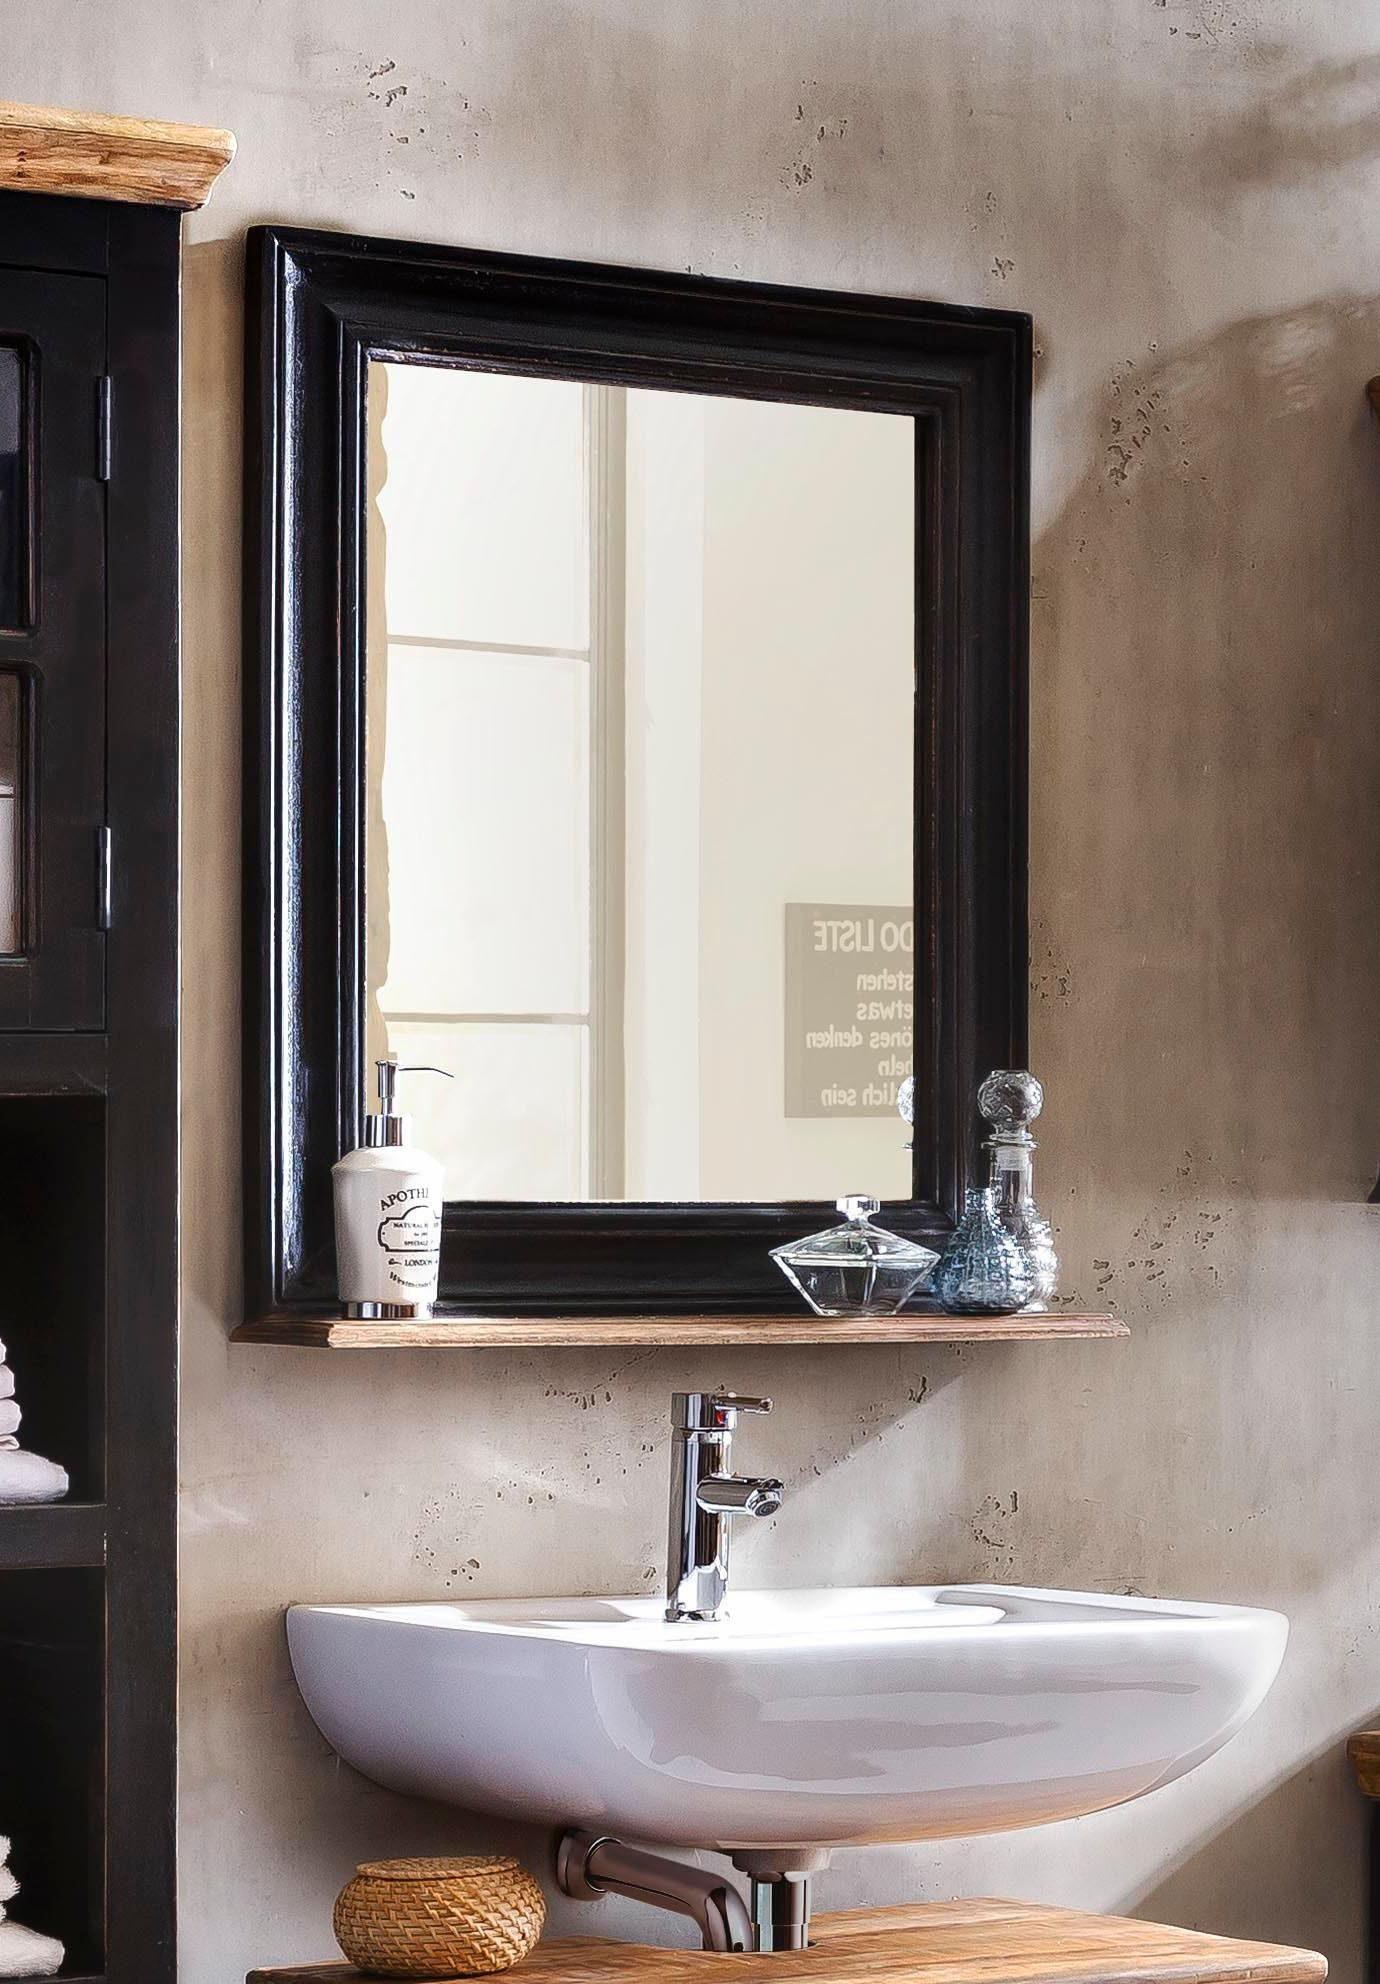 SIT Spiegel »Corsica«, mit Ablage, Breite 68 cm